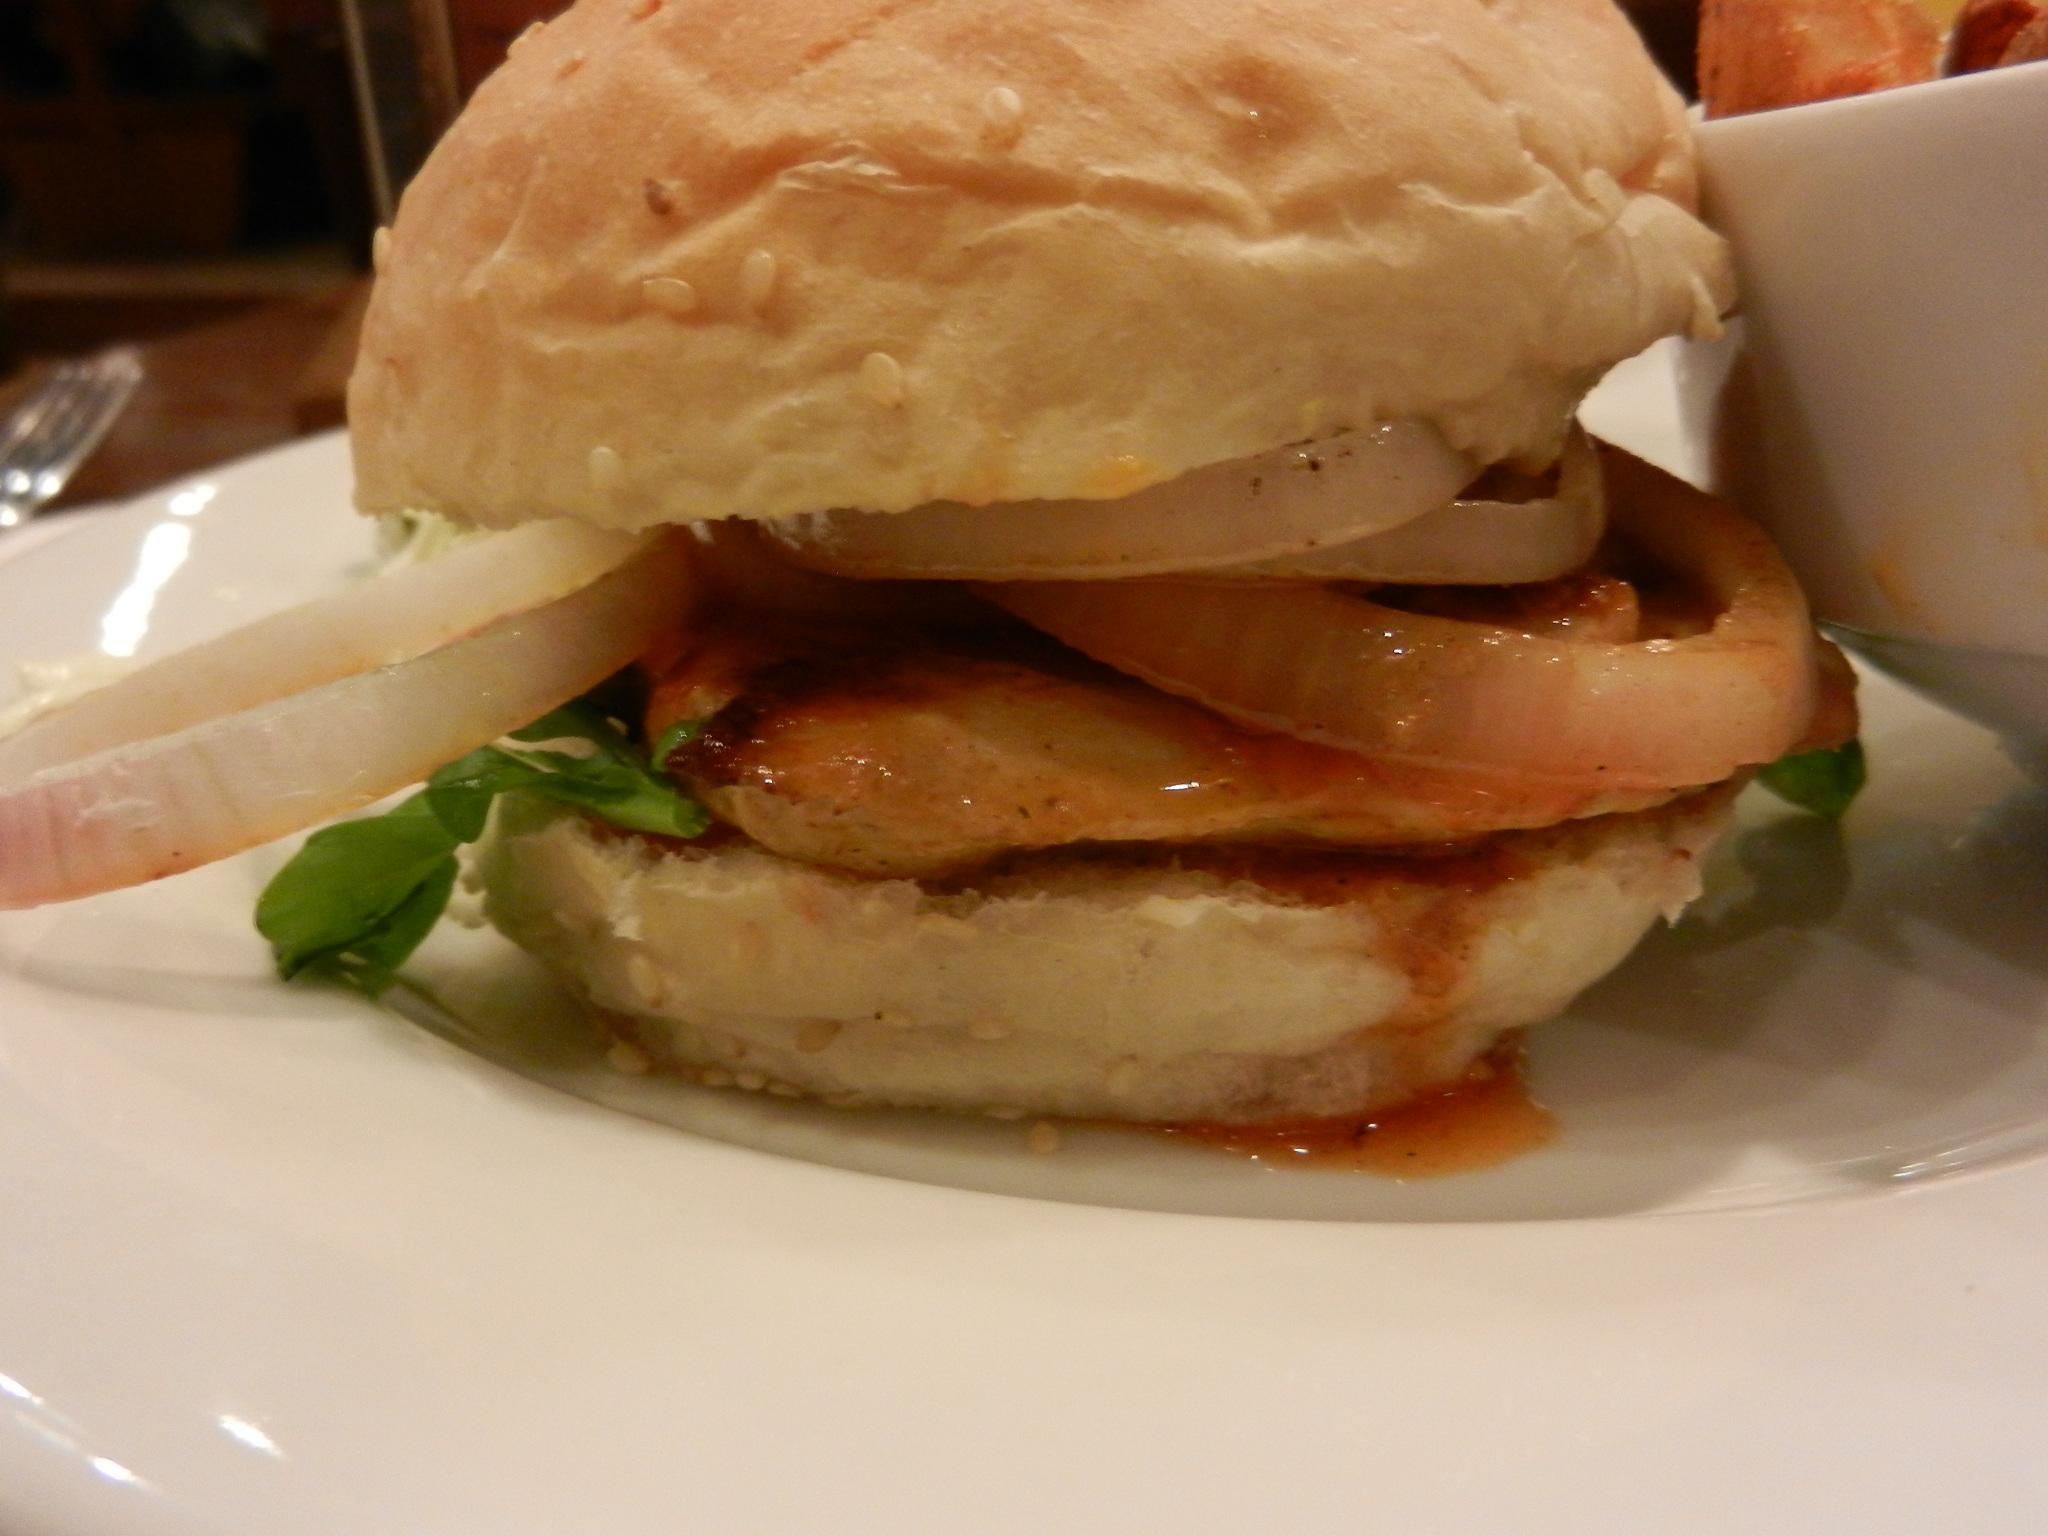 Nando's Gourmet Burger